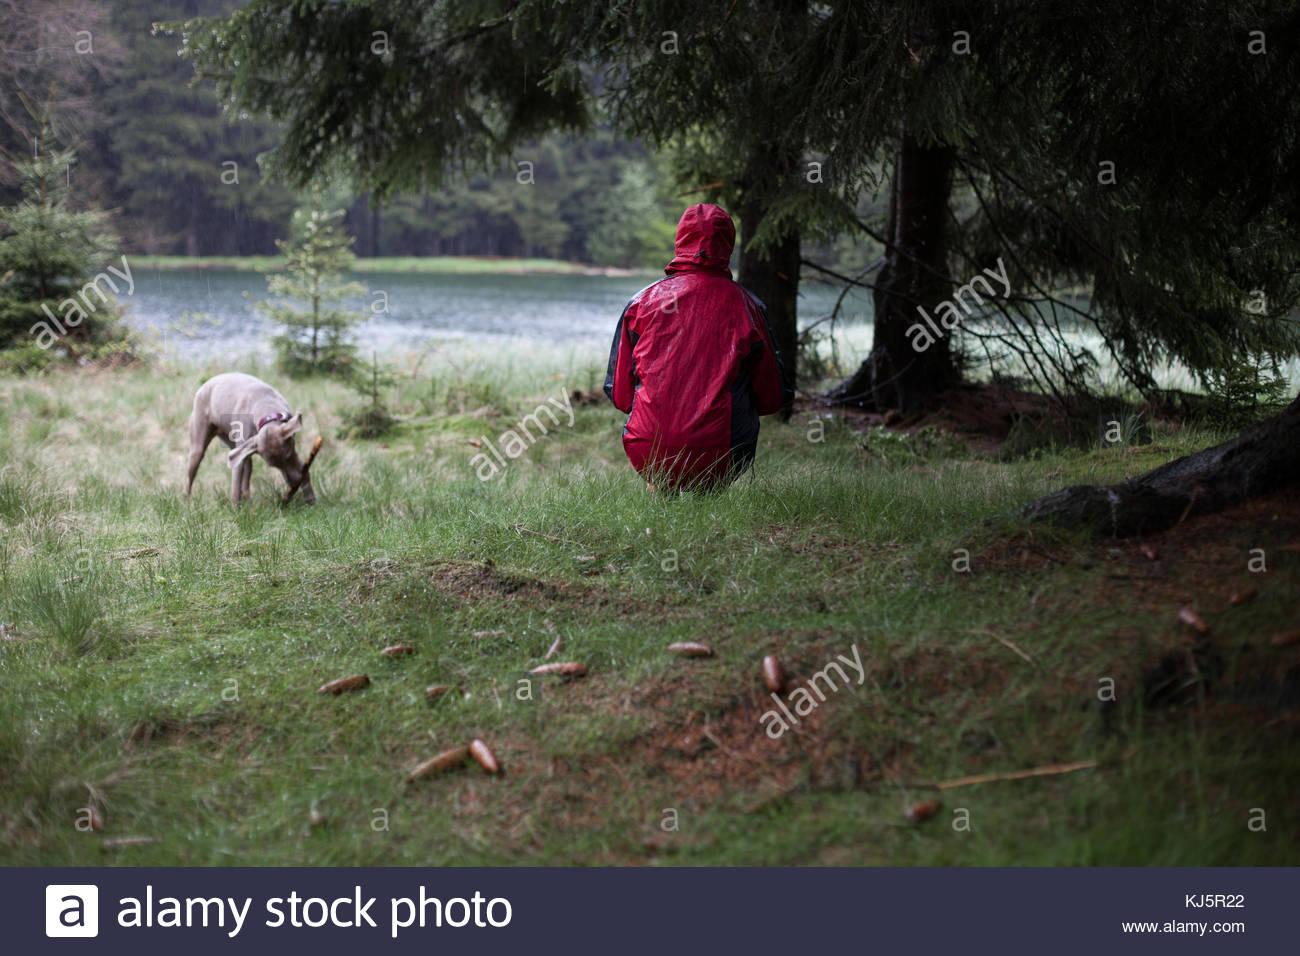 Frau in Anorak von Wasser springen Stockbild